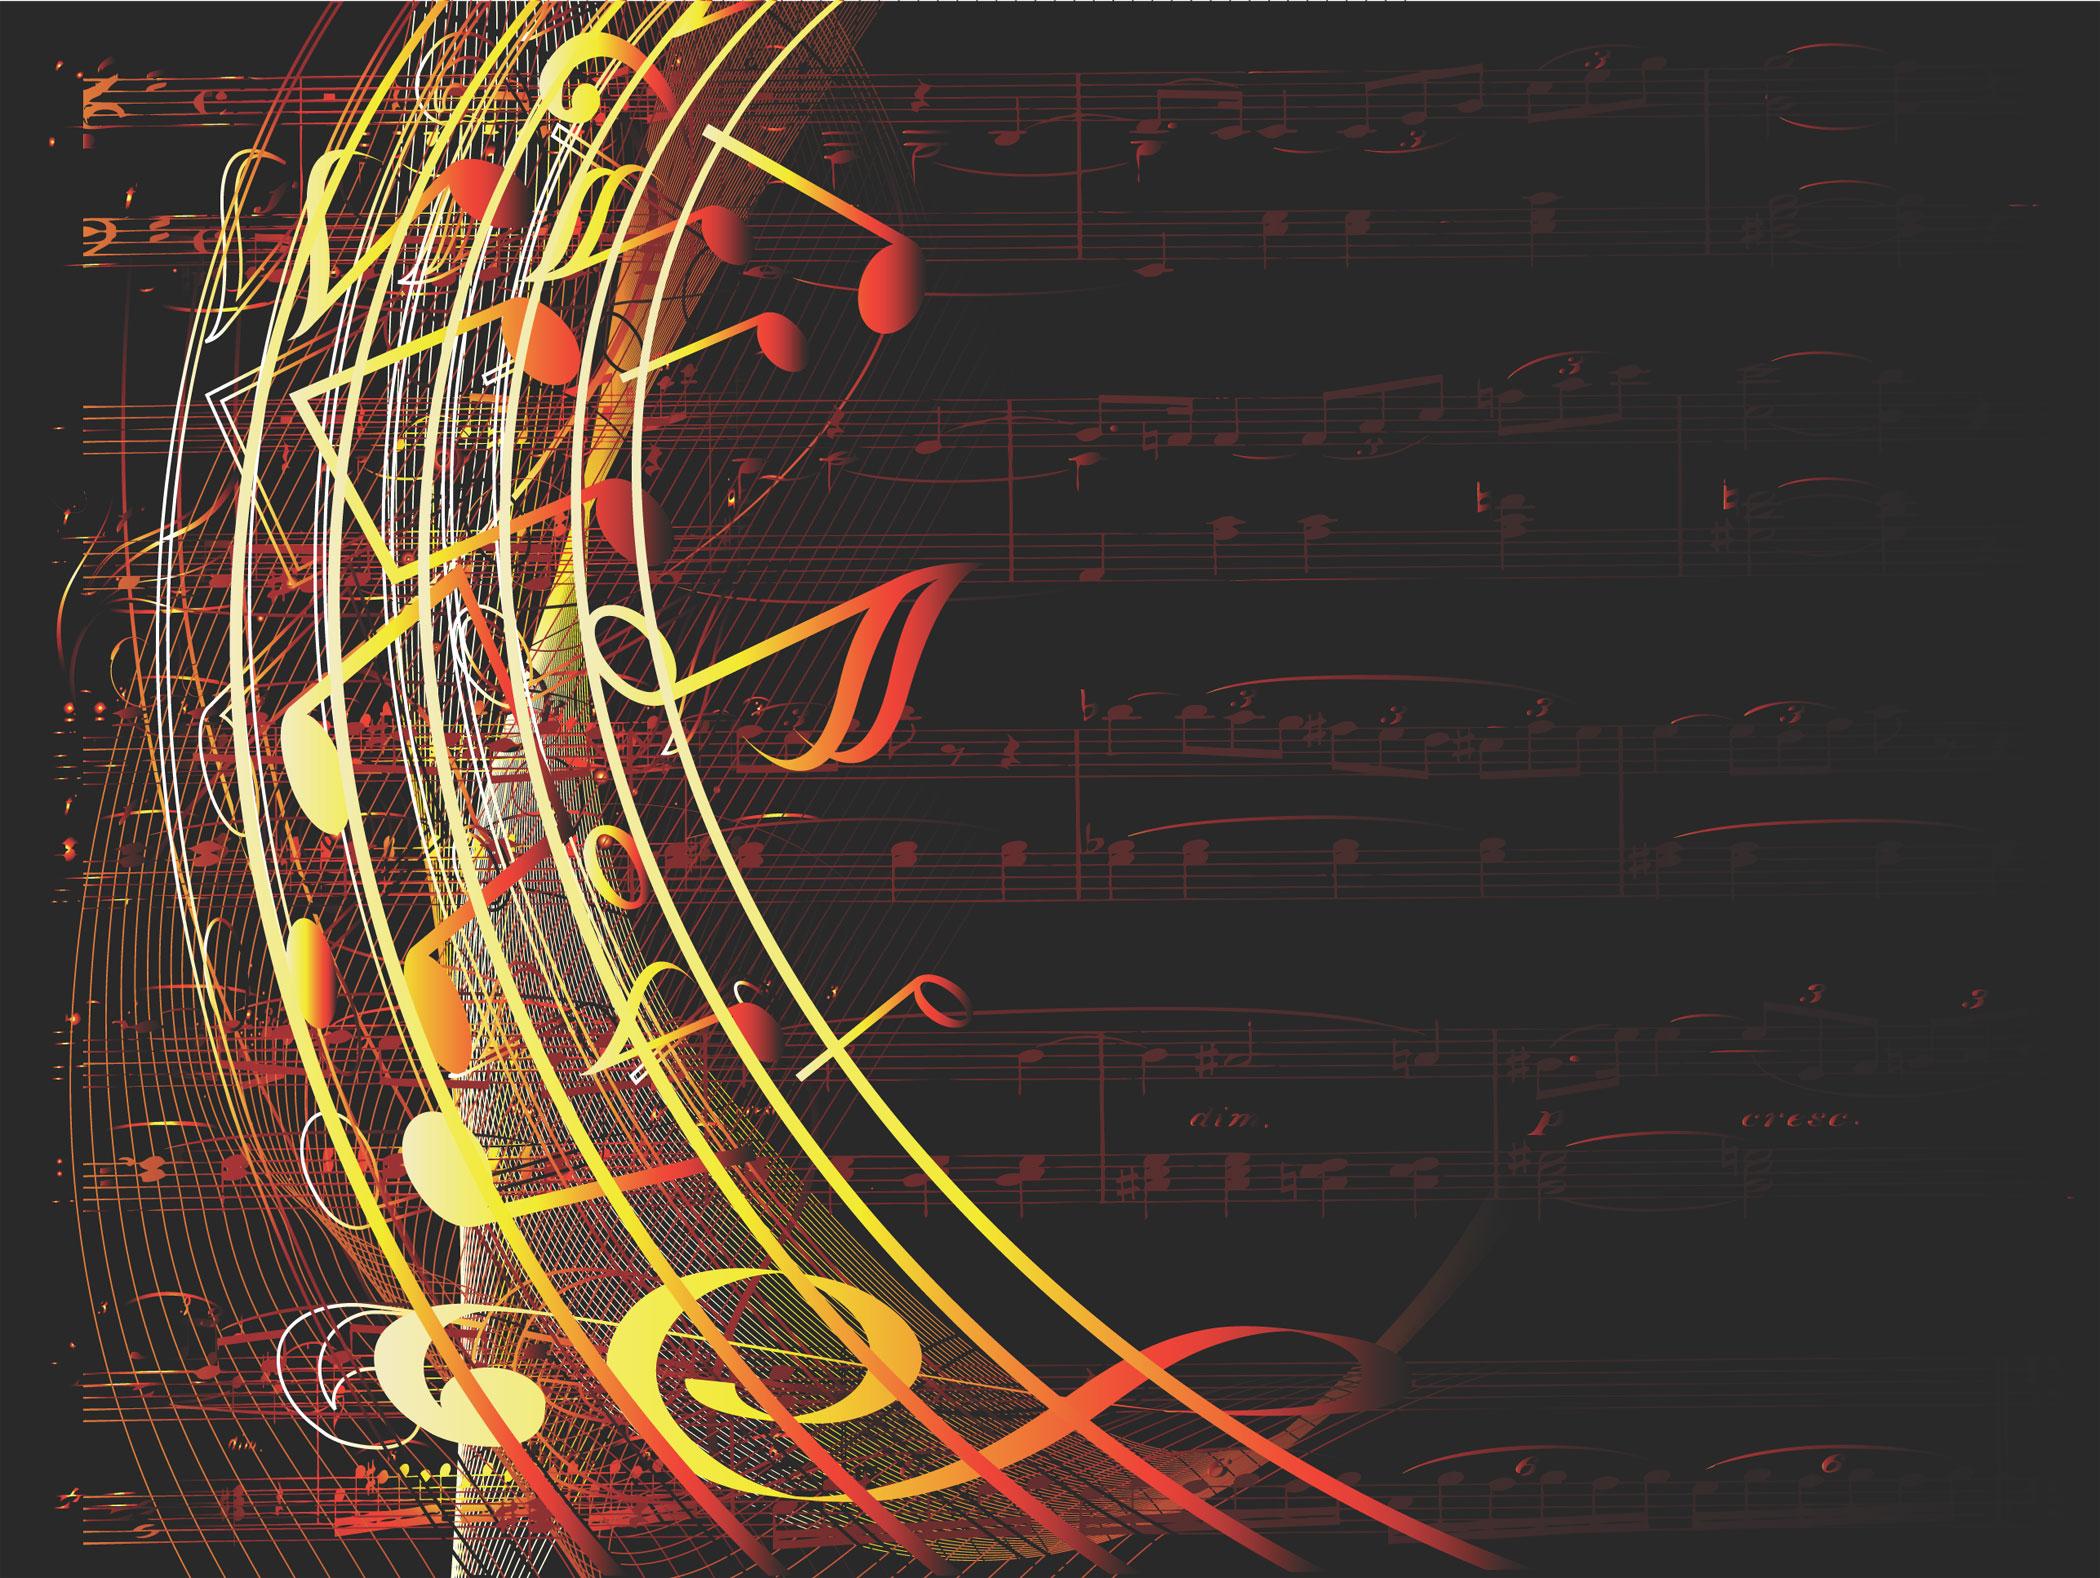 音符イラスト ゴージャスイメージ 無料のフリー素材